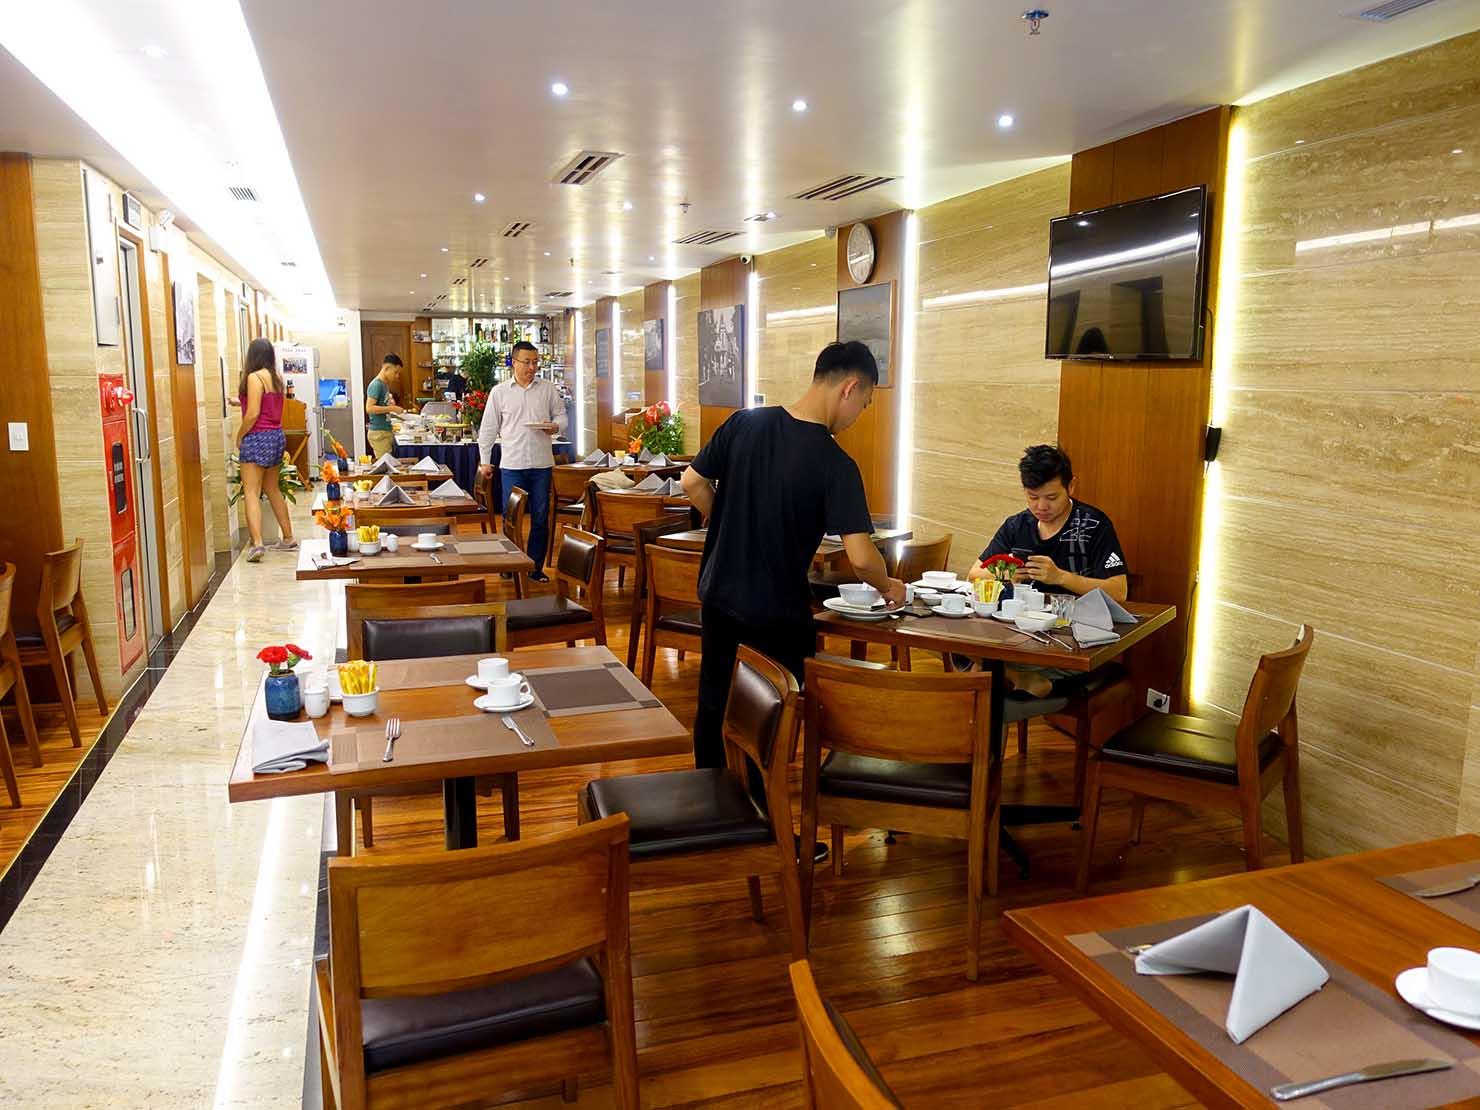 ハノイ旧市街ど真ん中の観光に便利なおすすめホテル「Hai Bay Hotel」2Fのレストラン